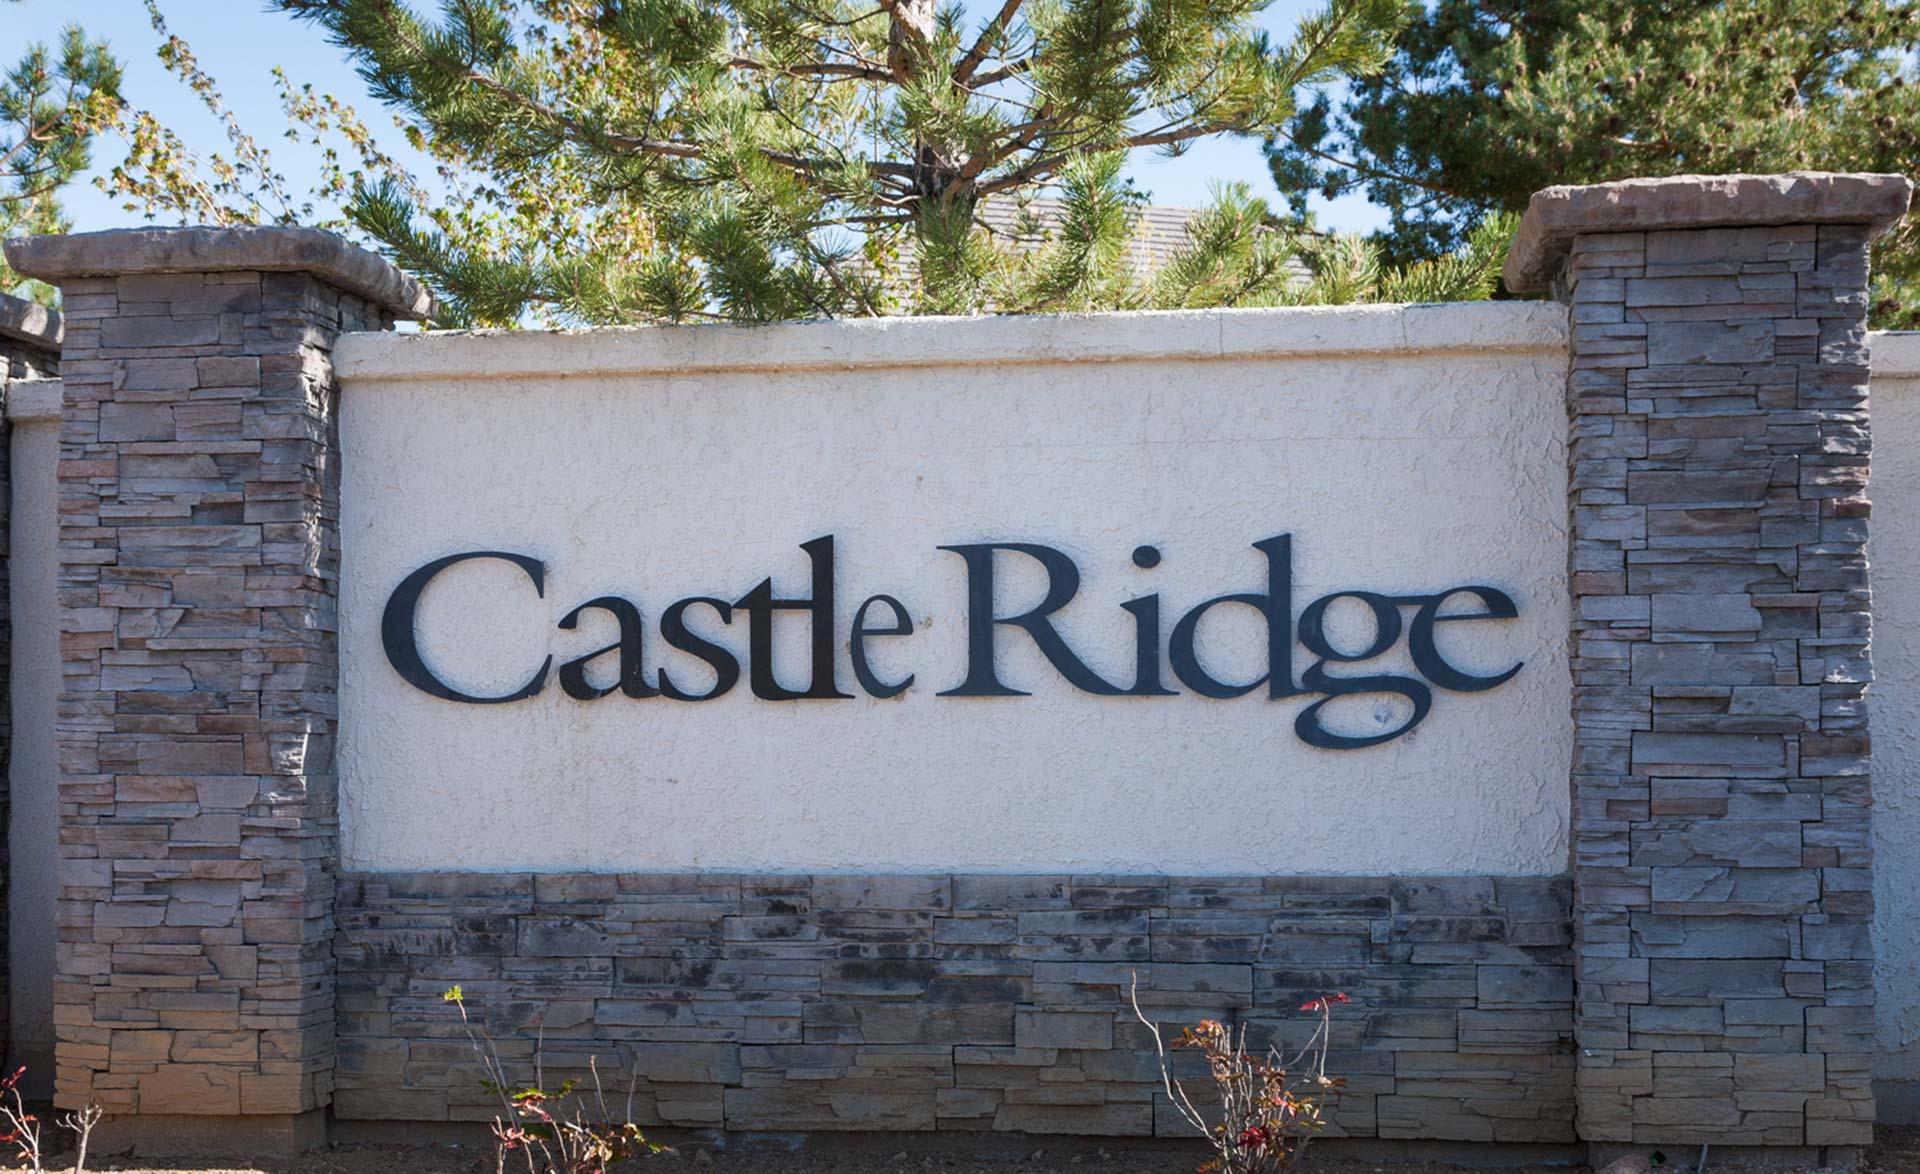 castle ridge homes for sale reno nv